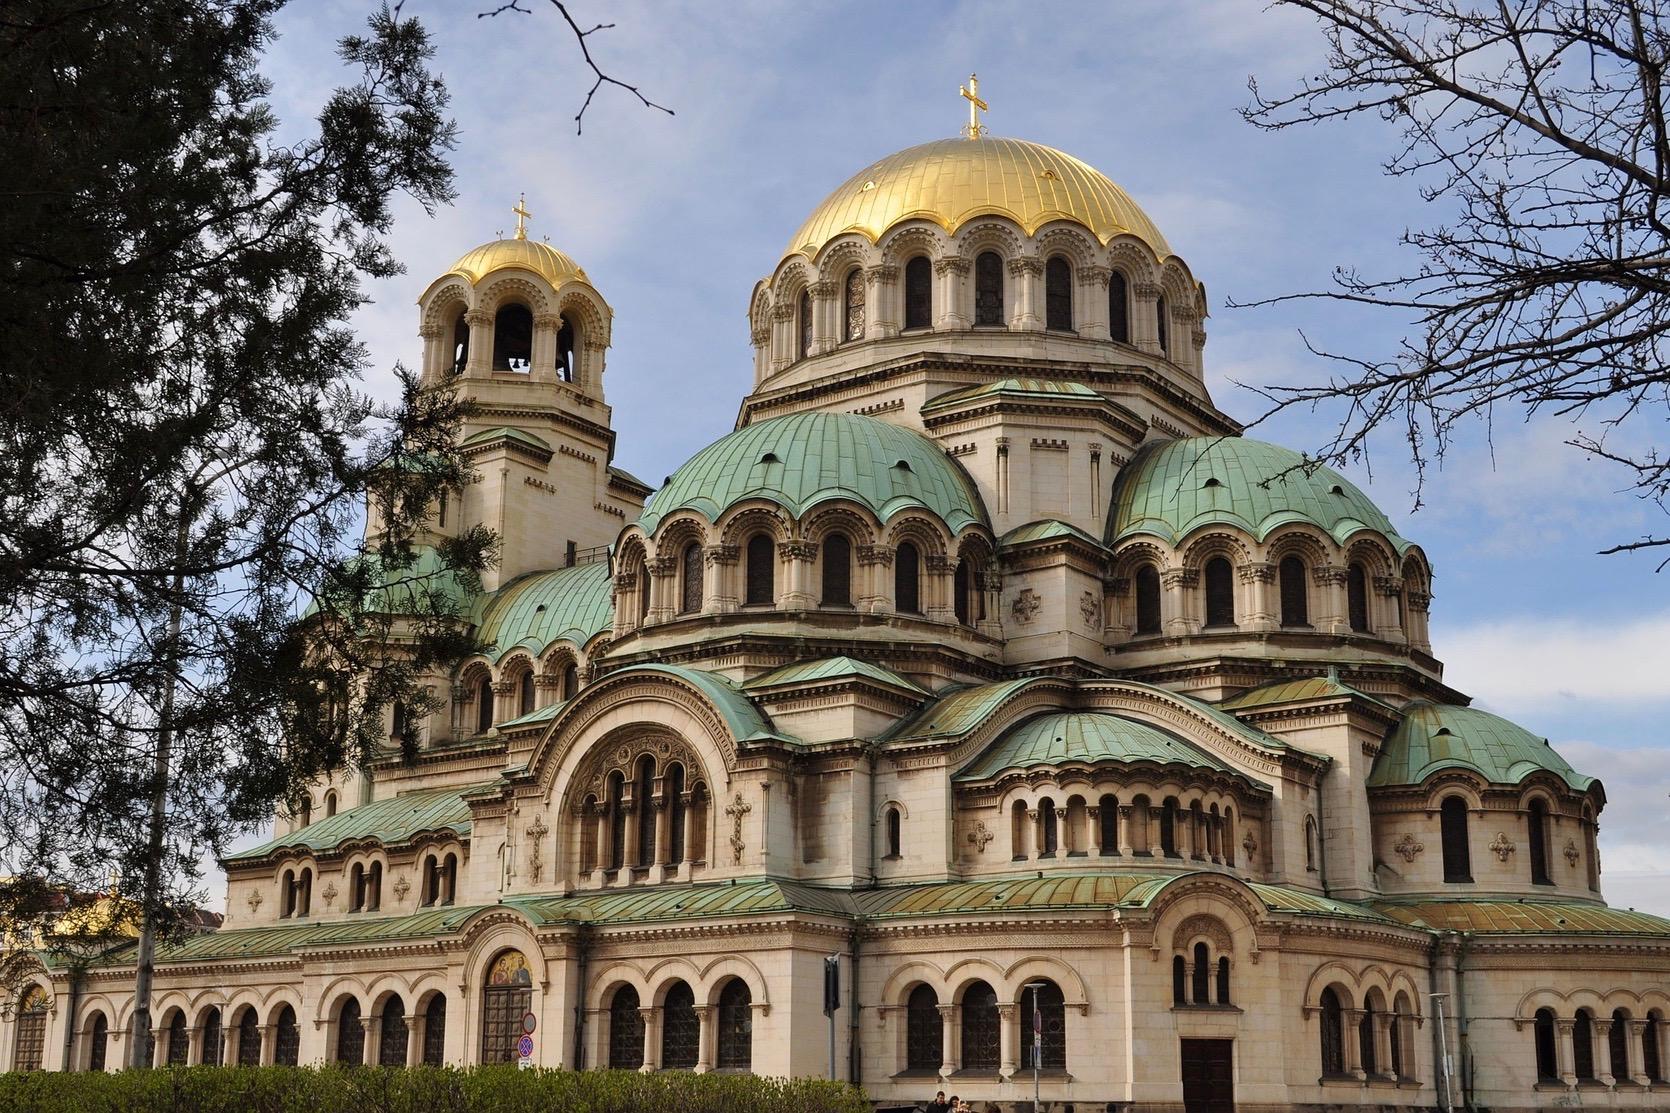 Bulgarien ist auch ein tolles Ziel im Herbst